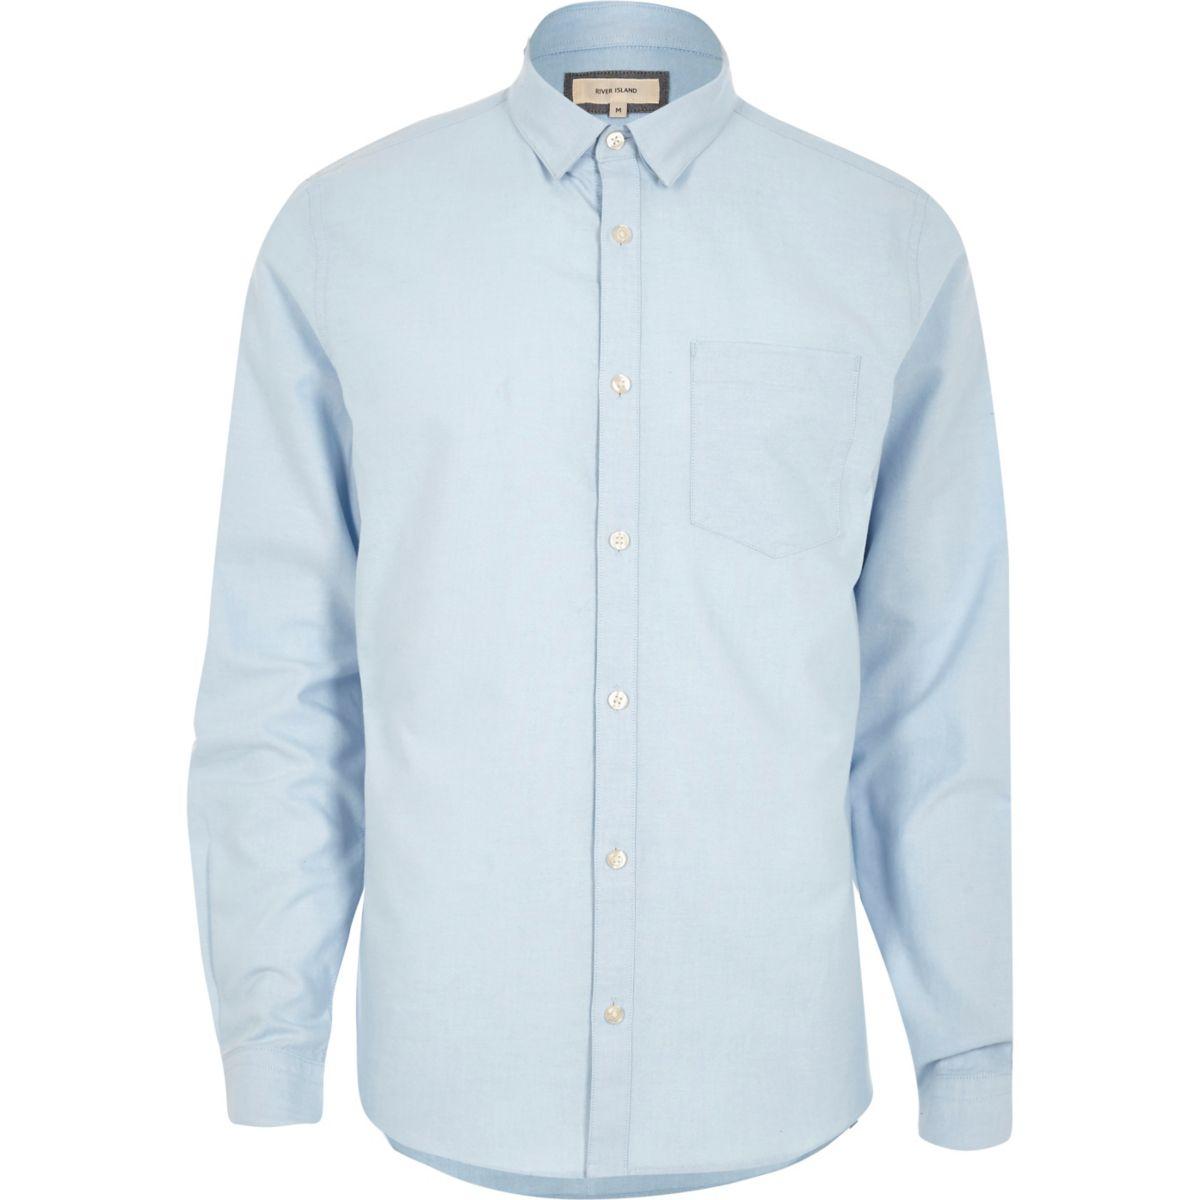 Chemise Oxford bleue boutonnée